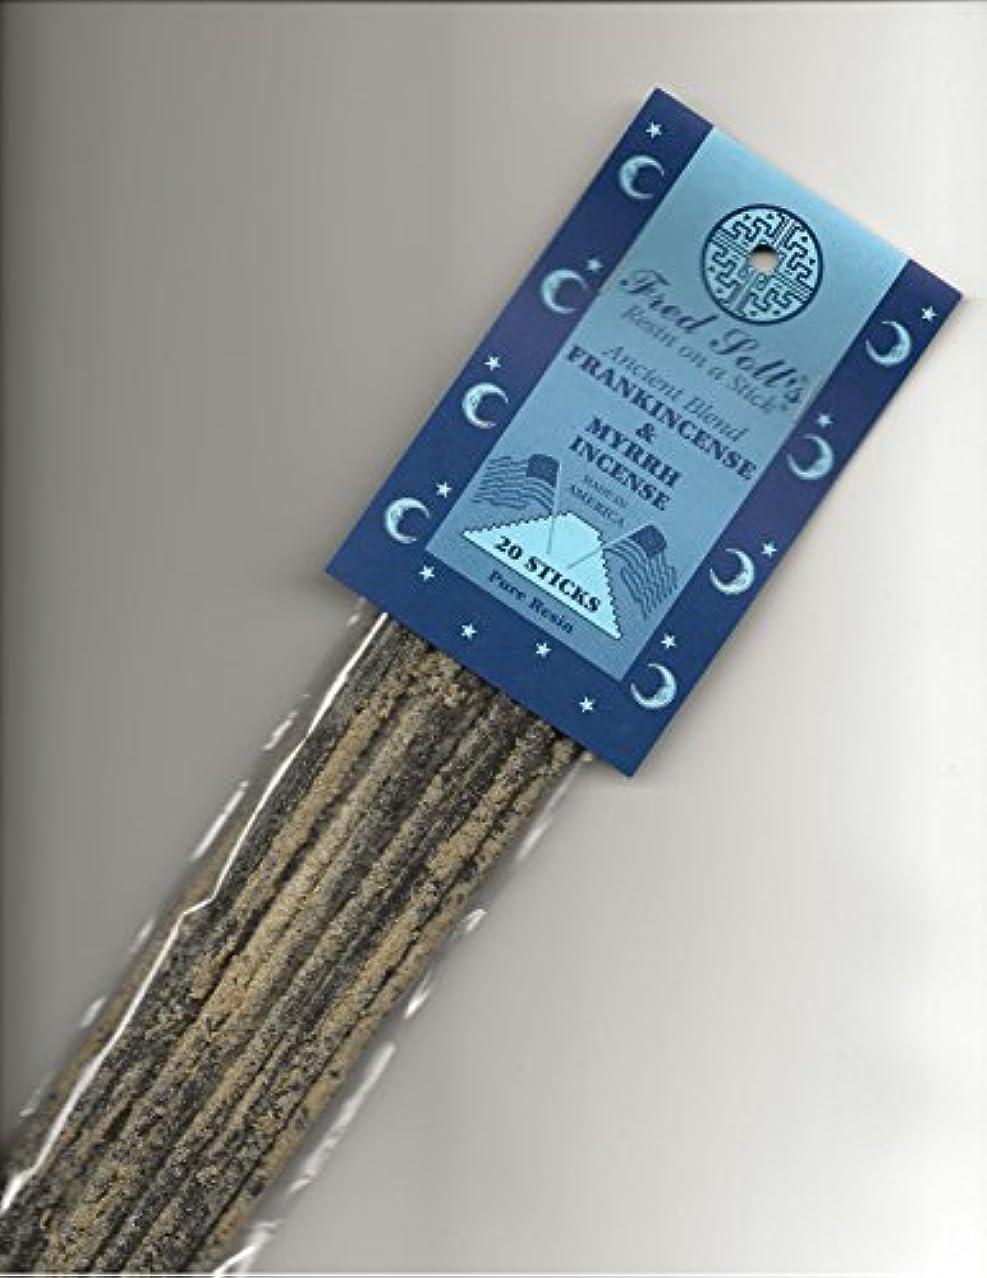 棚意義ナビゲーションFred Soll 's Frankincense & Myrrh、古代ブレンドIncense、20 Sticks